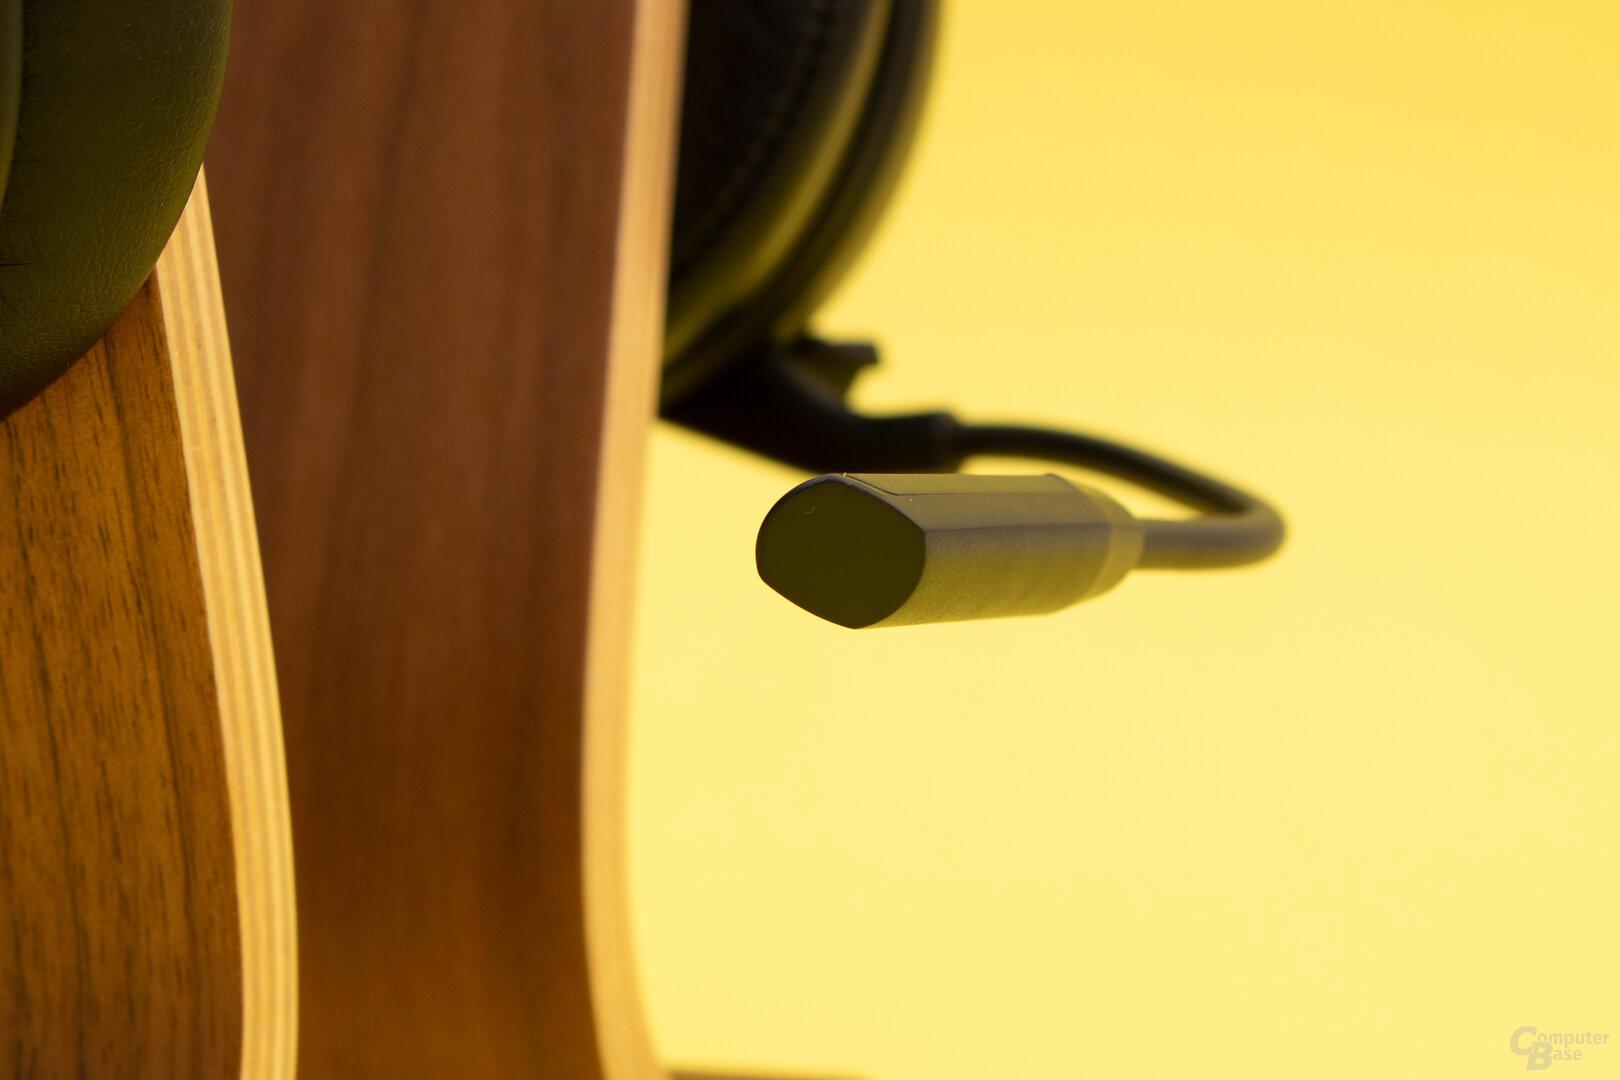 Das Mikrofon des MH-670 bildet die Stimme gut ab, ist aber anfällig für Störgeräusche